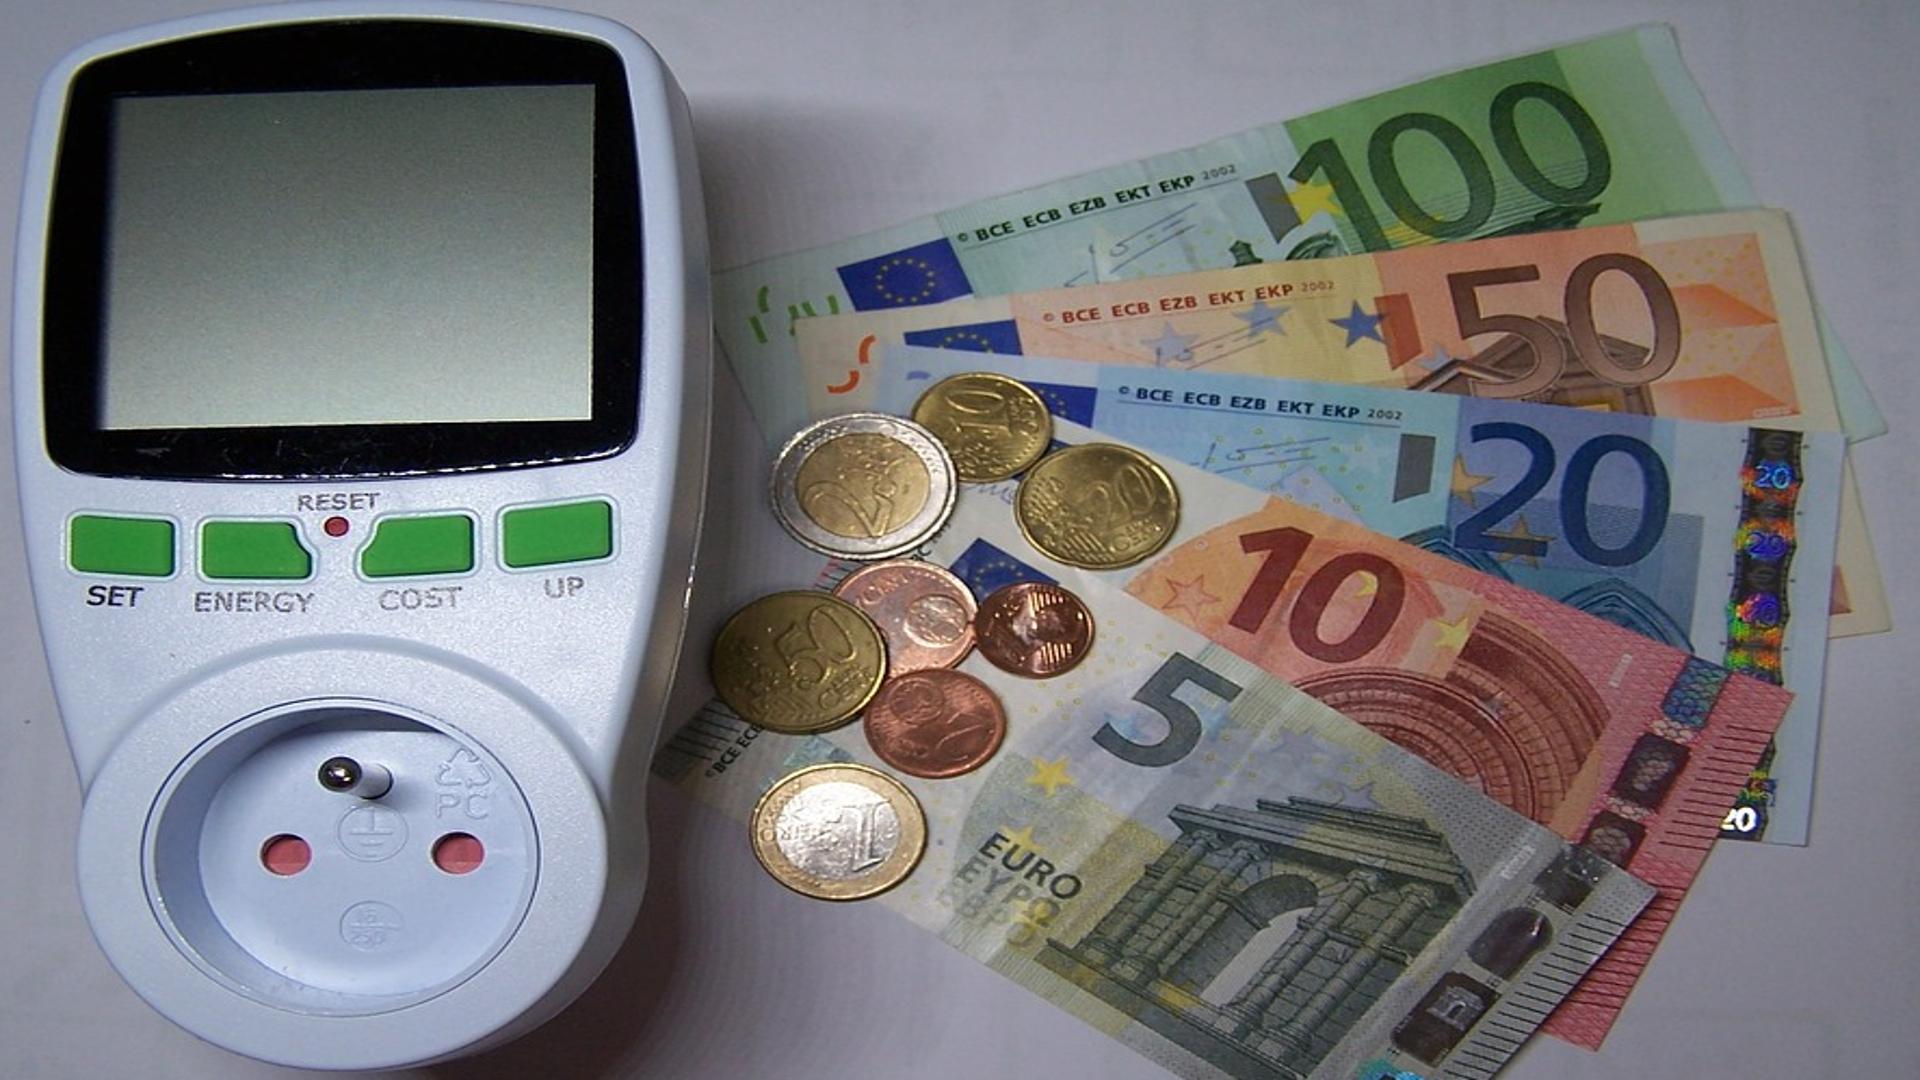 como-ahorrar-electricidad-gracias-al-uso-de-temporizadores-electricos